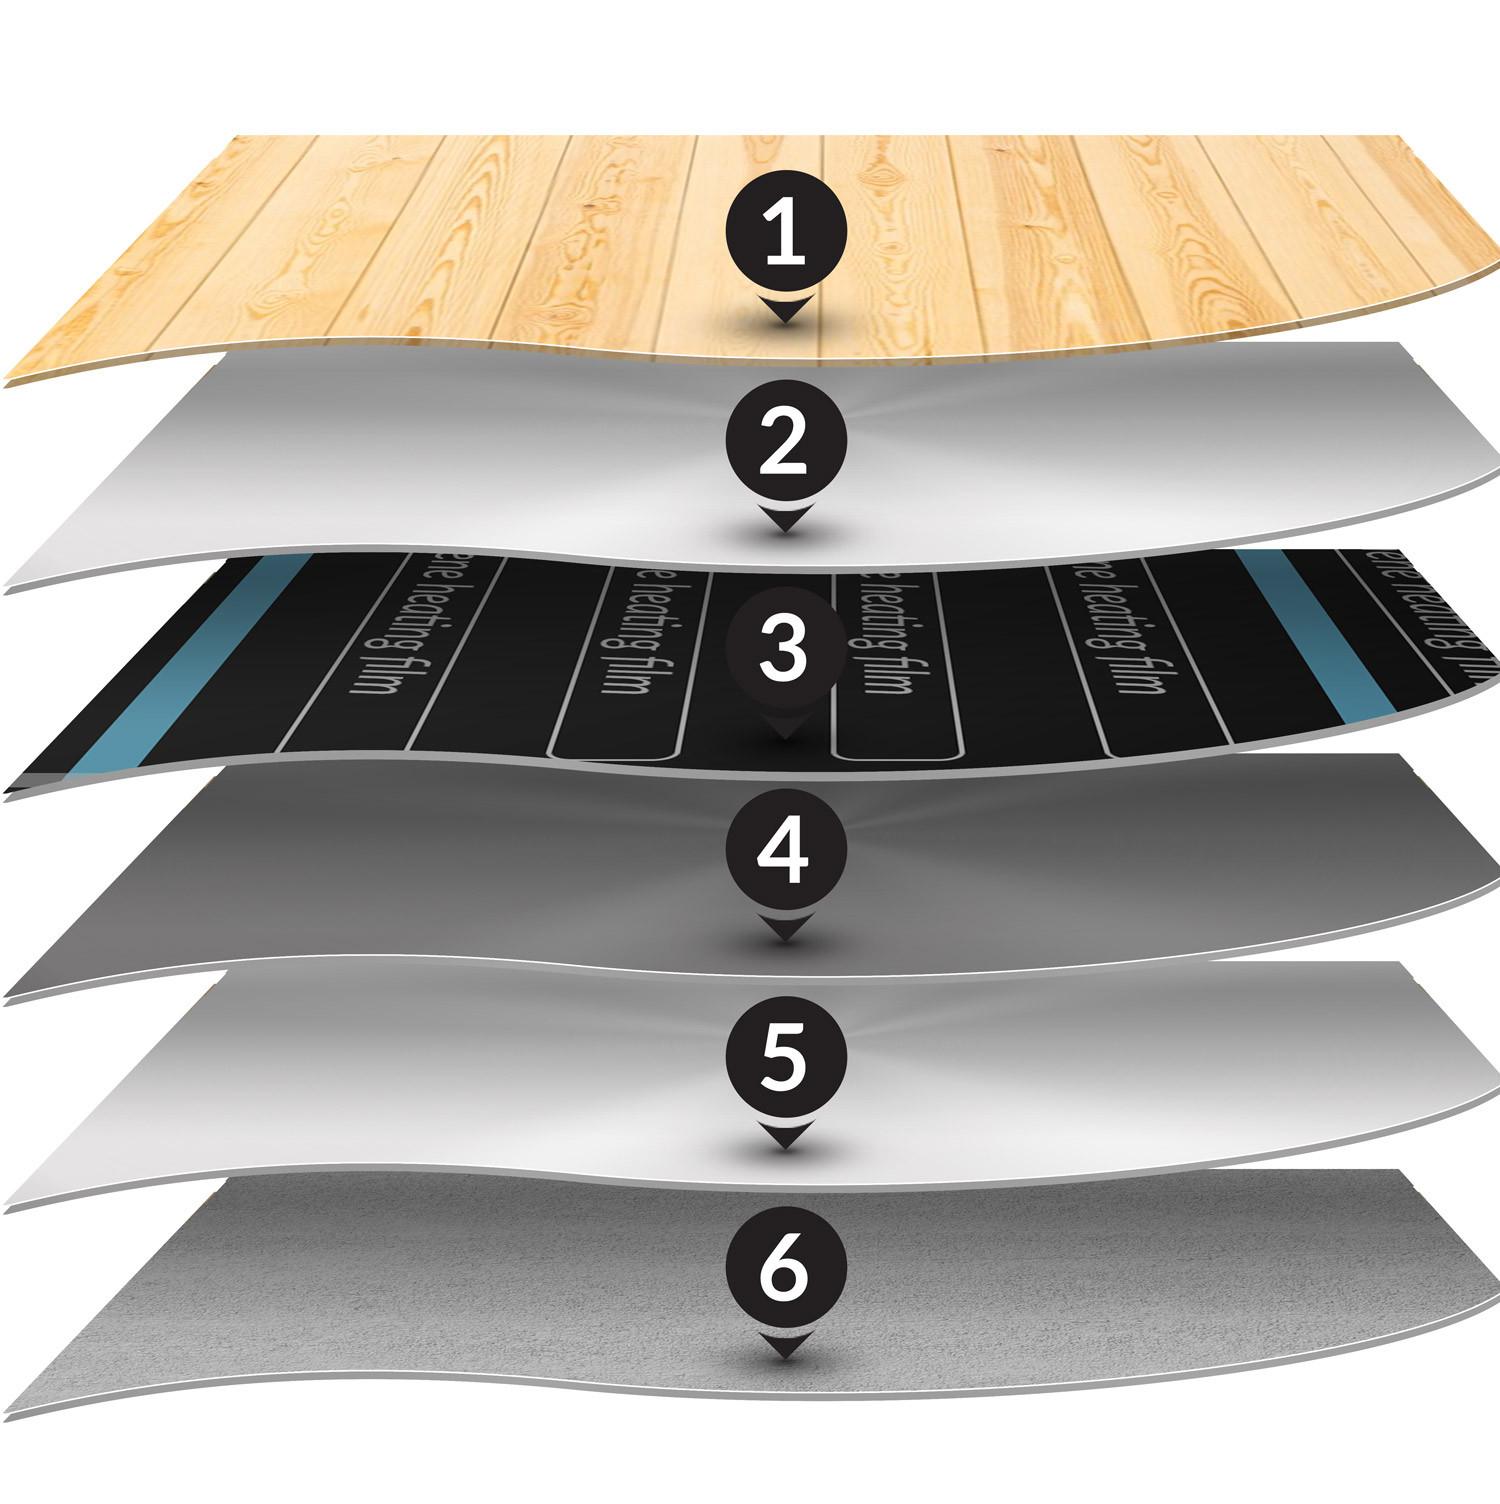 Grafenowa folia grzewcza na podczerwień pod panelami